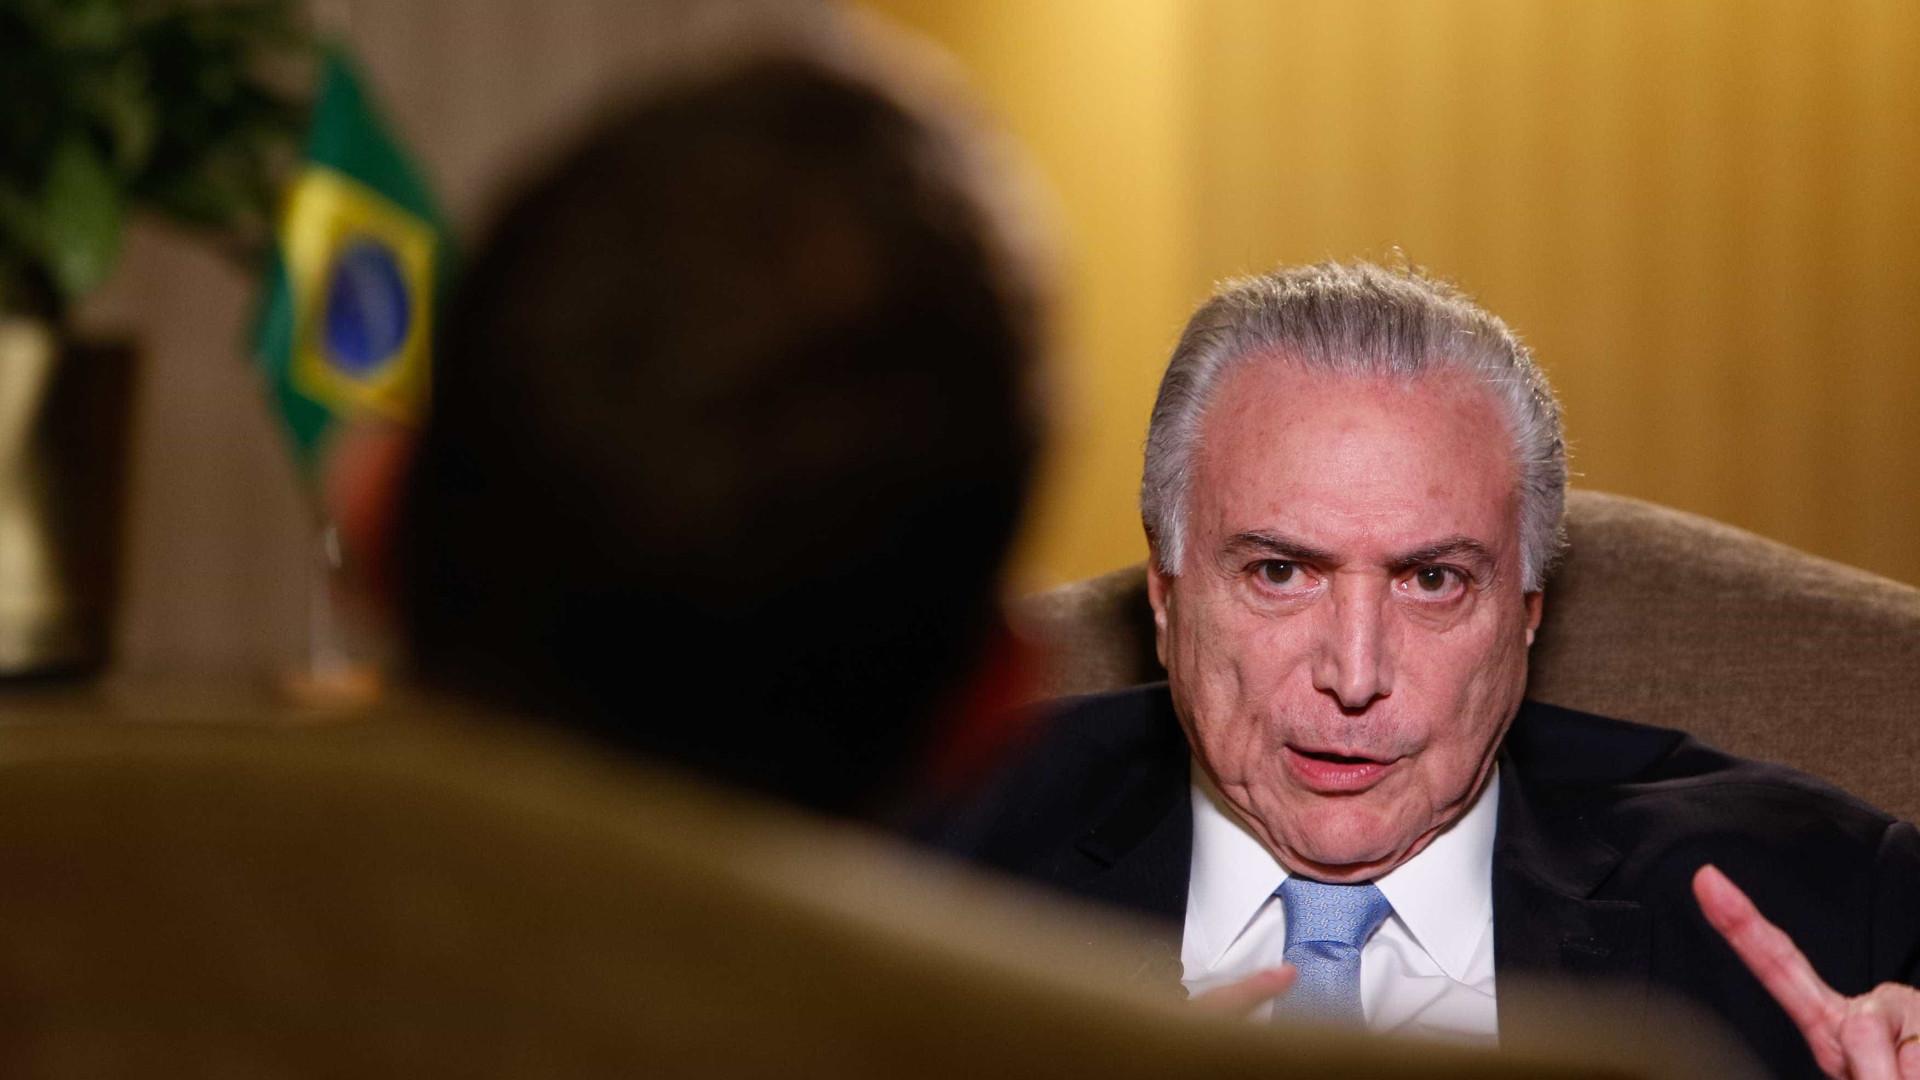 PF aponta indícios de envolvimento de Temer em esquema de corrupção